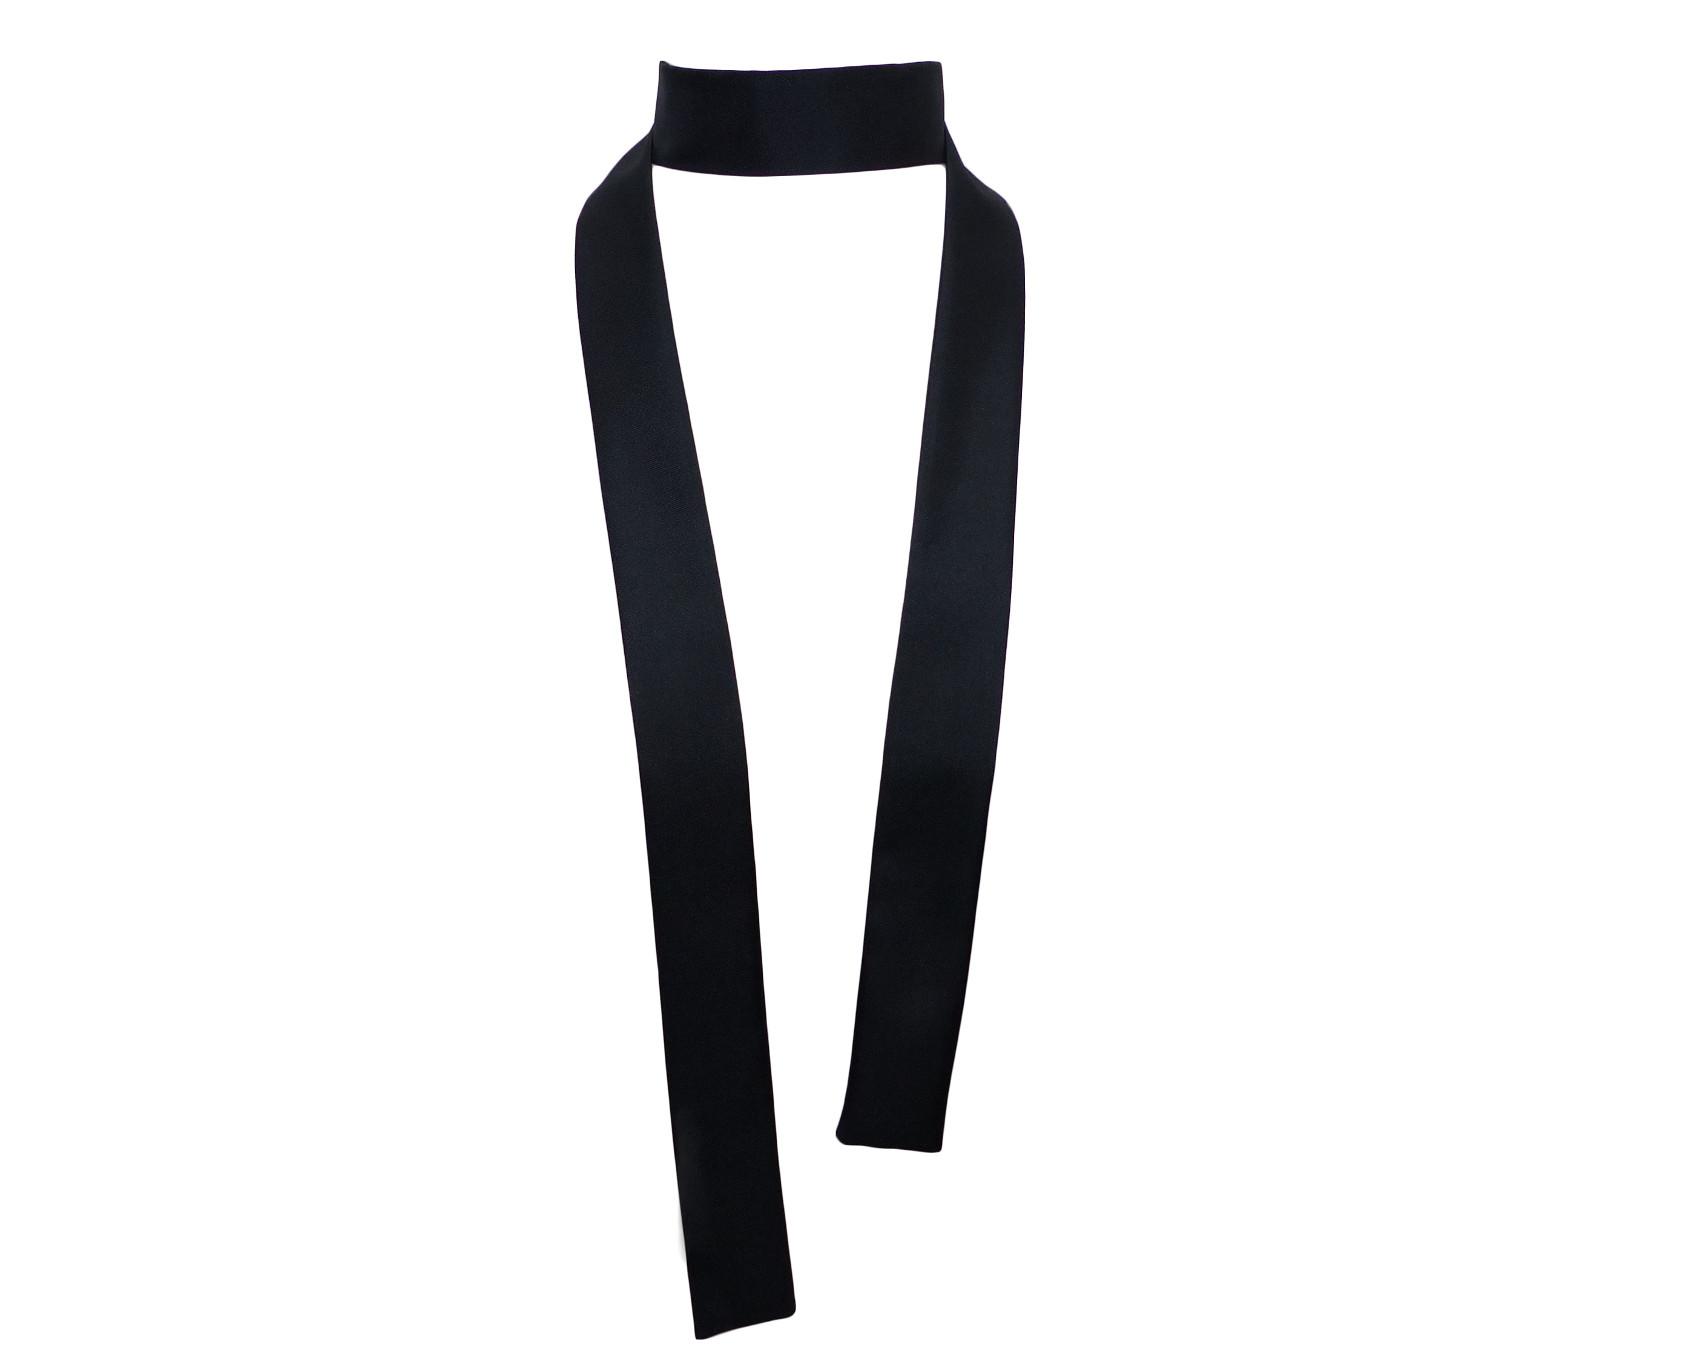 Foulard cravate   écharpe fine, noir, long et étroit, en twill de soie 2ec32cd2717